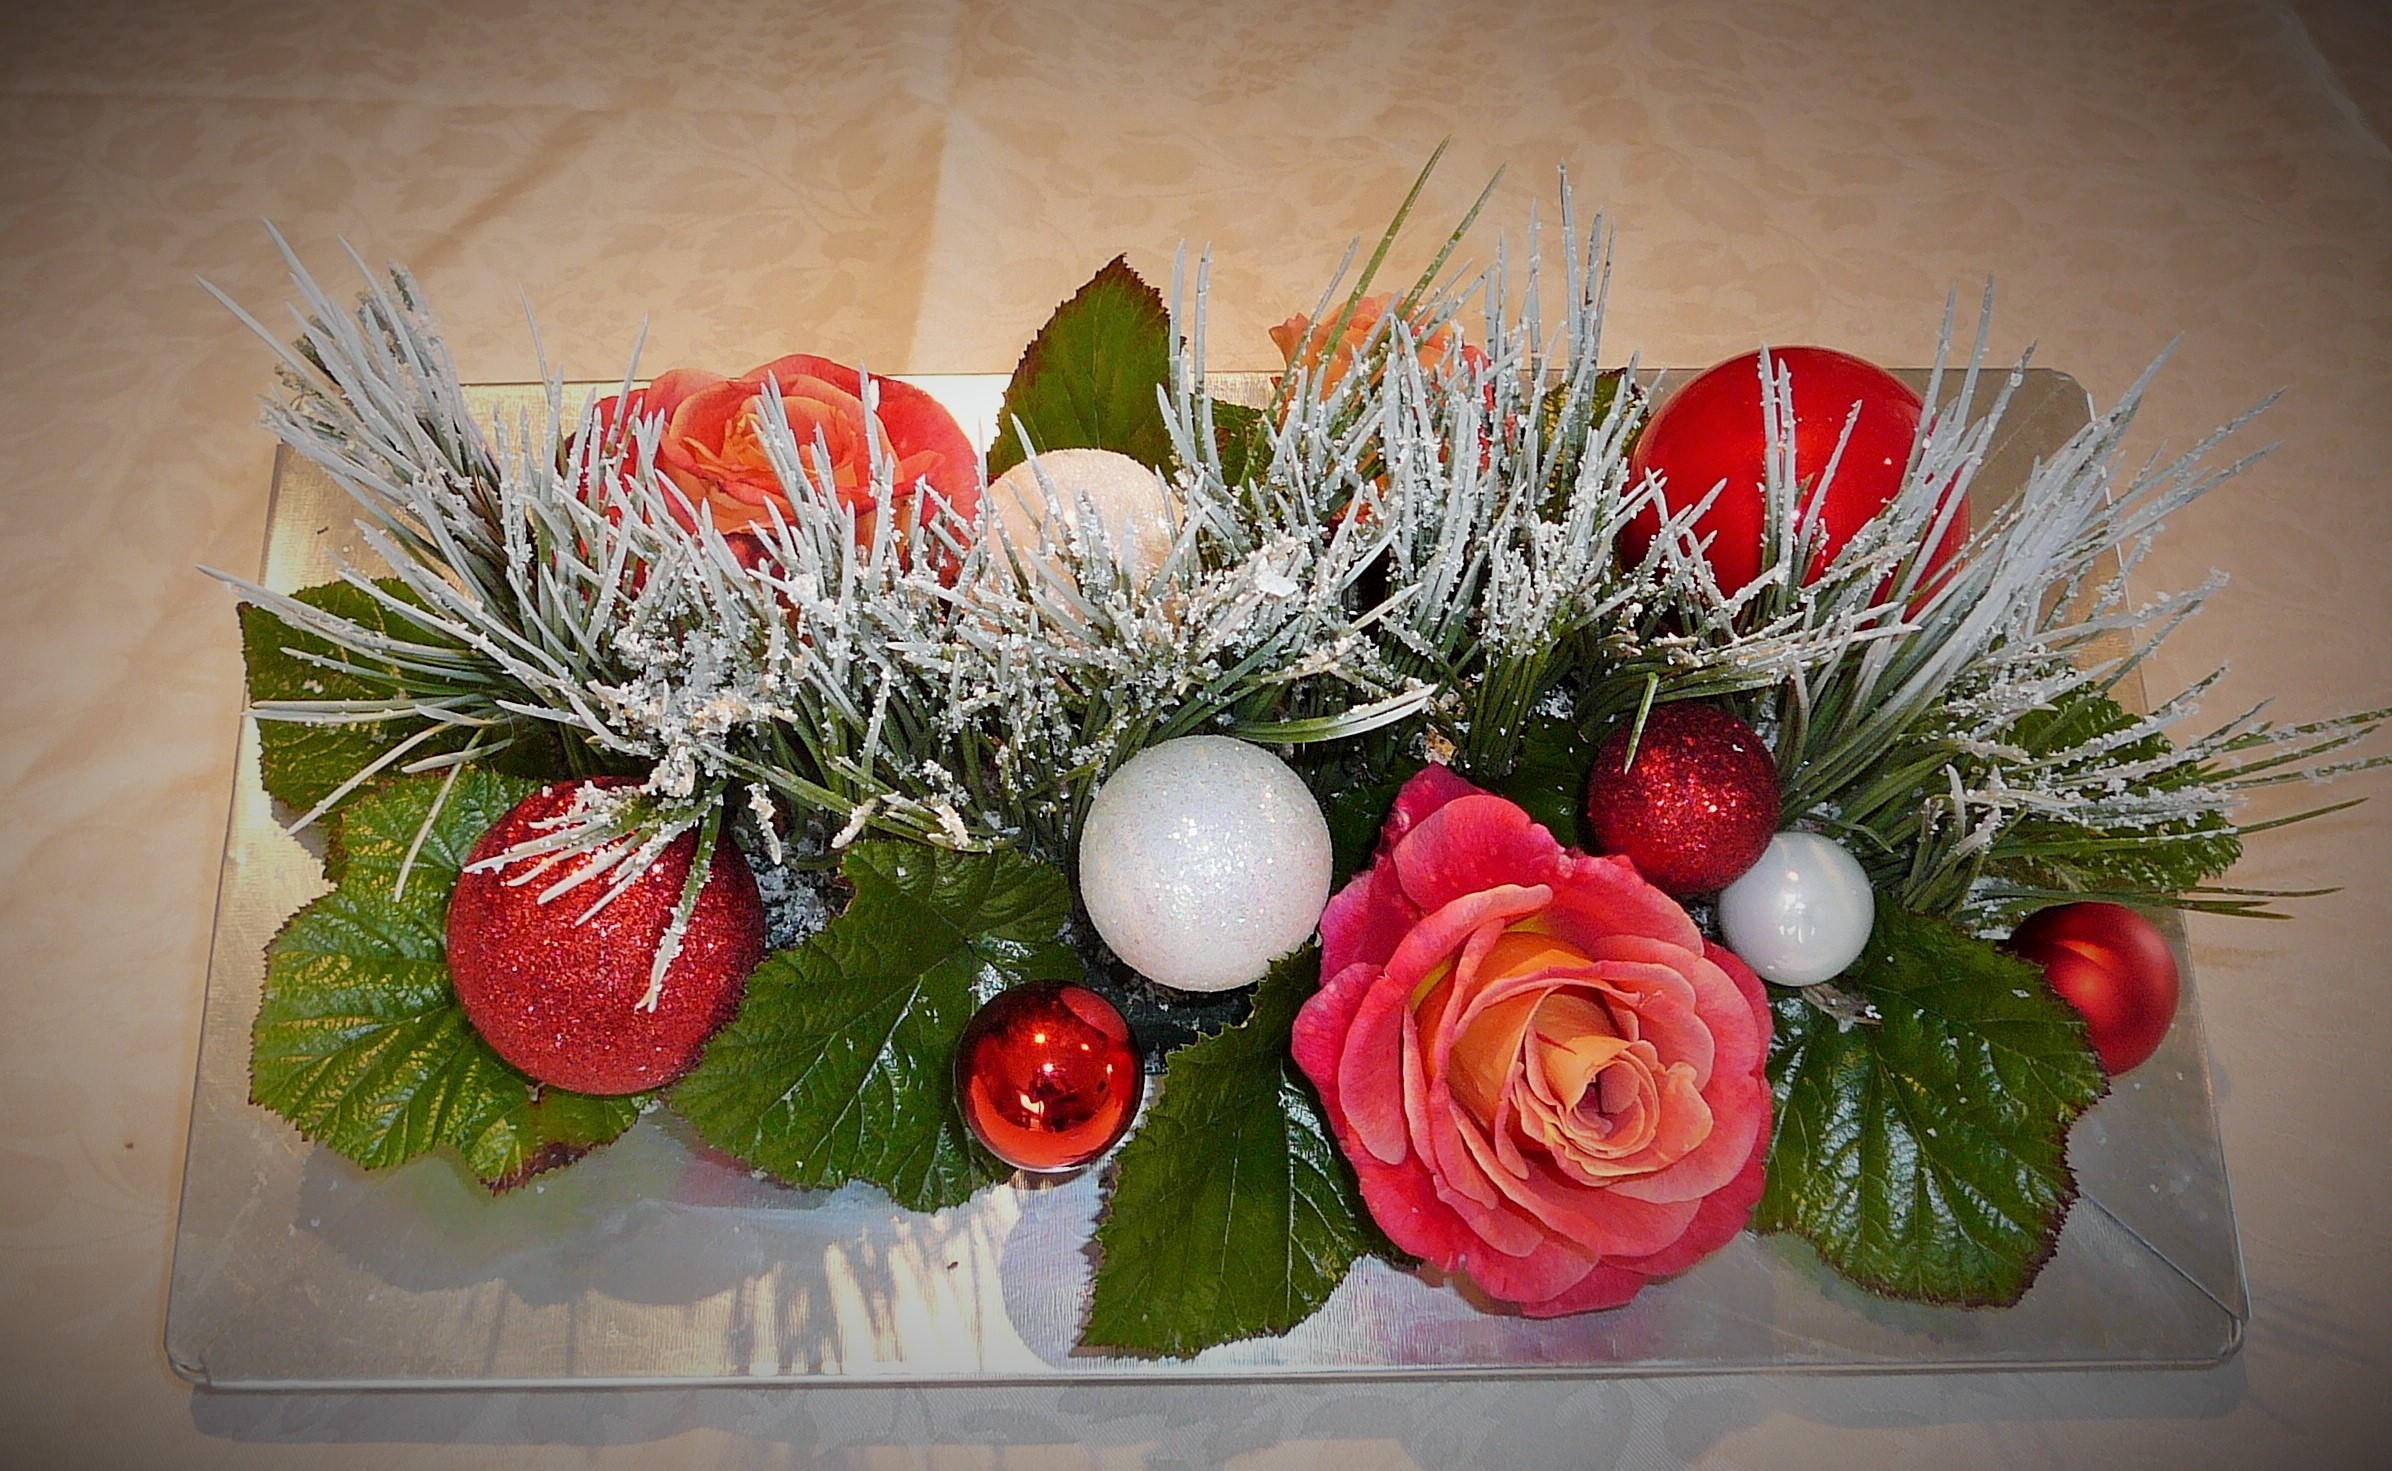 L'art floral pour décorer la période de Noël, démonstration.